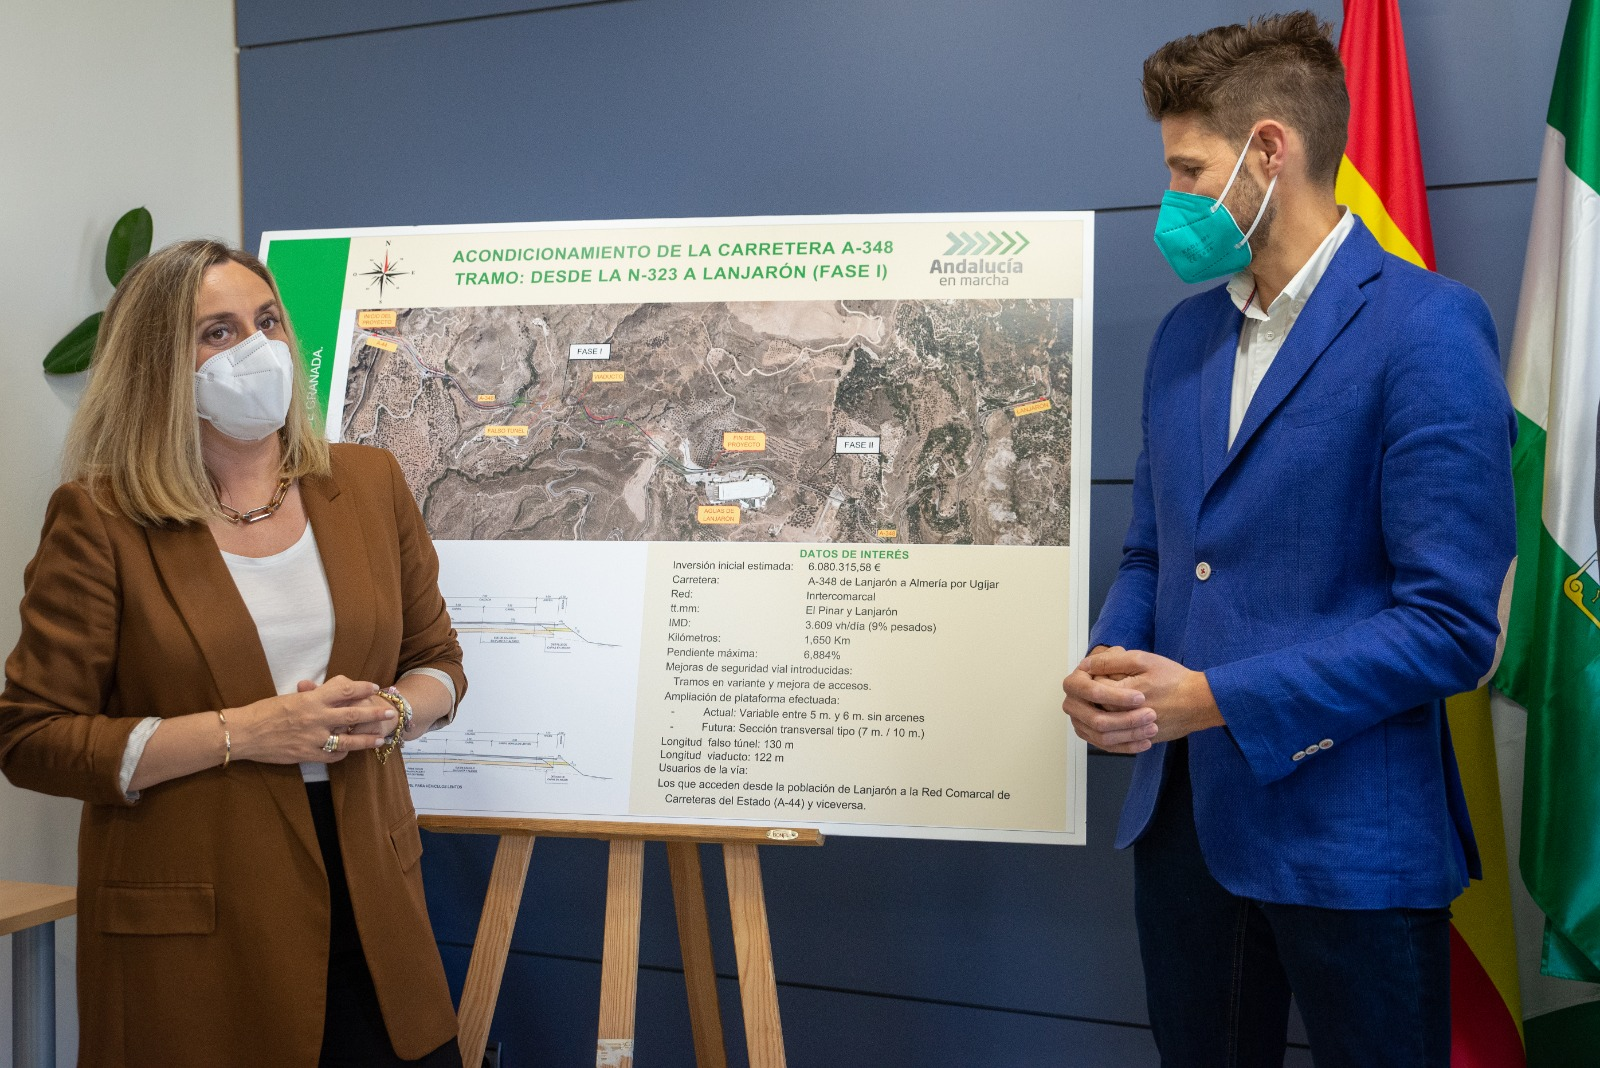 La Junta capta fondos europeos para ampliar la mejora del acceso a La Alpujarra hasta Lanjarón